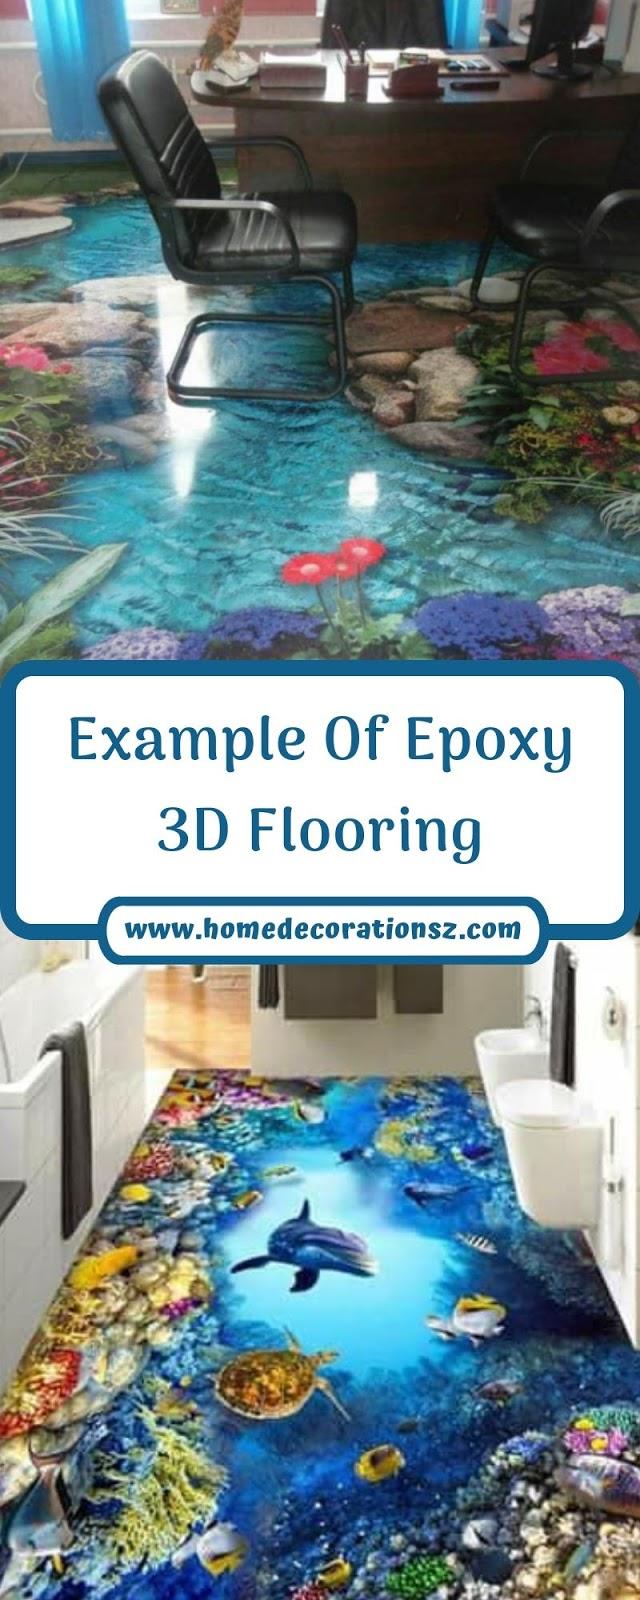 Example Of Epoxy 3D Flooring